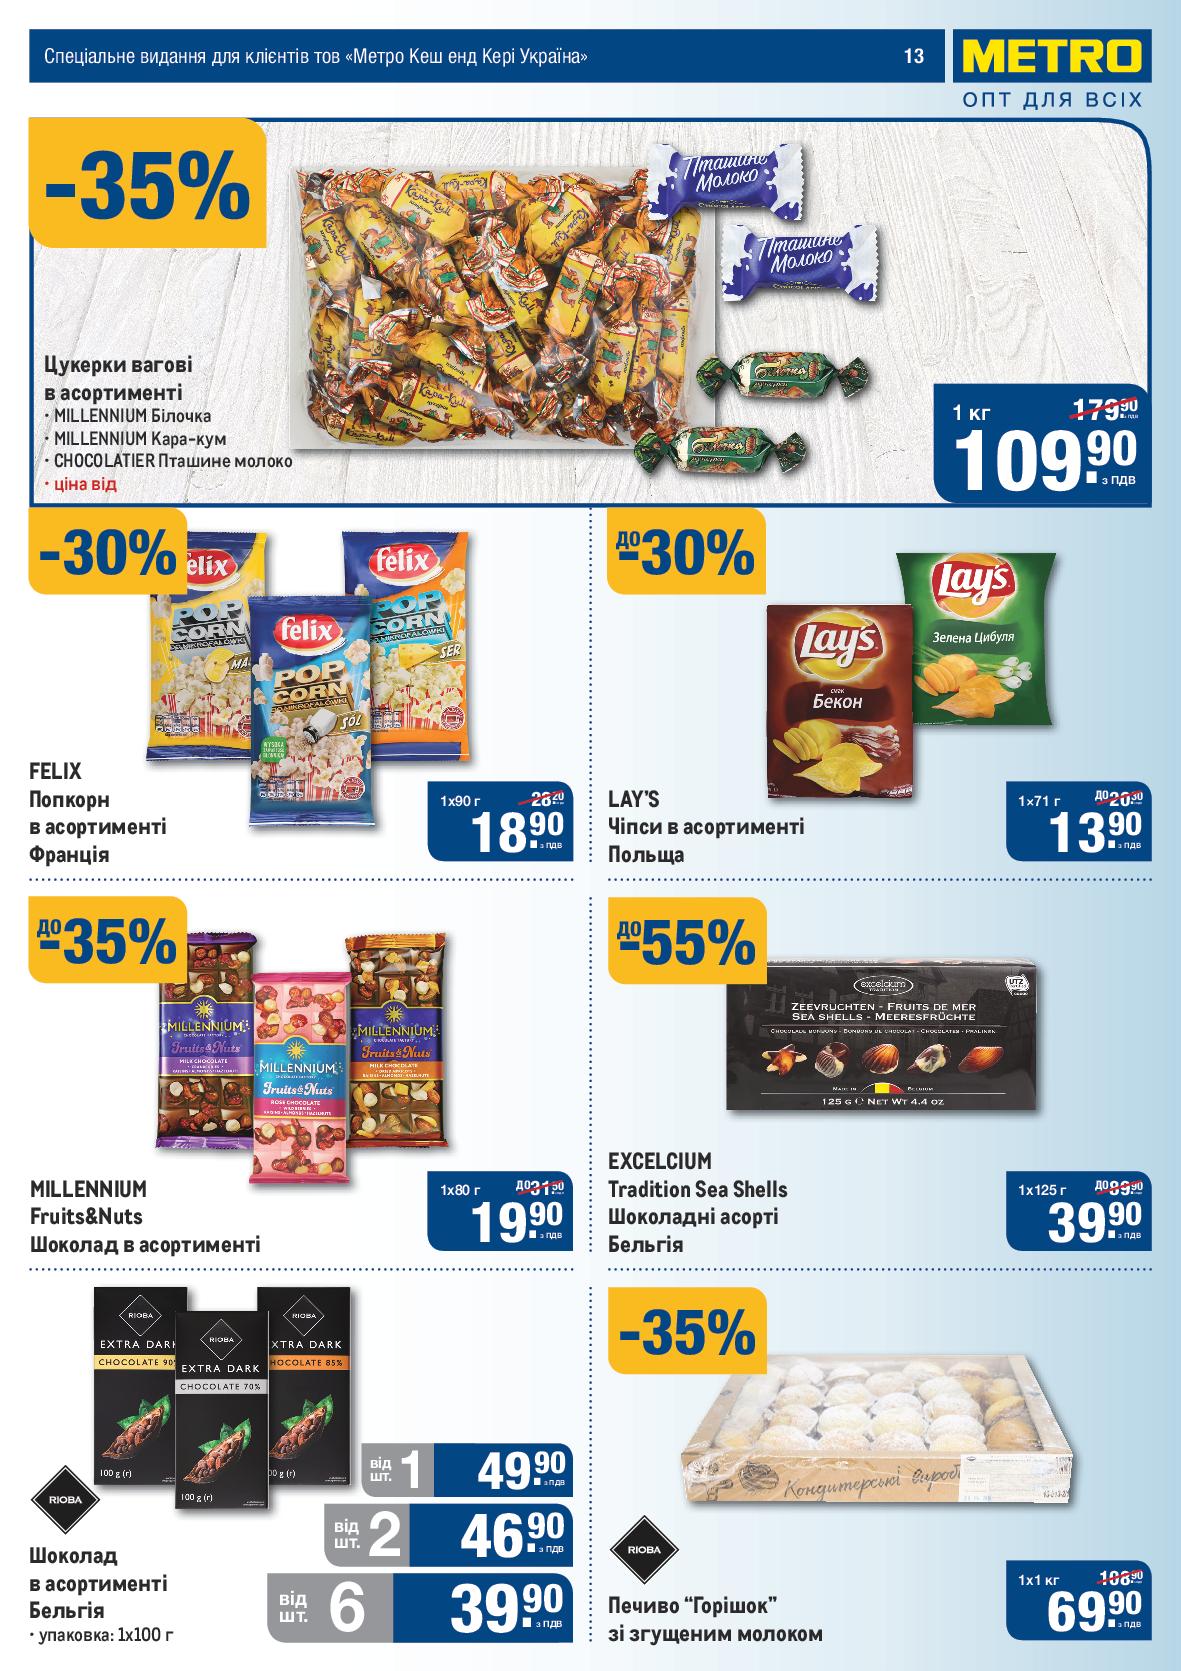 Пора за покупками: свежие скидки и акции в магазинах Днепра , фото-41